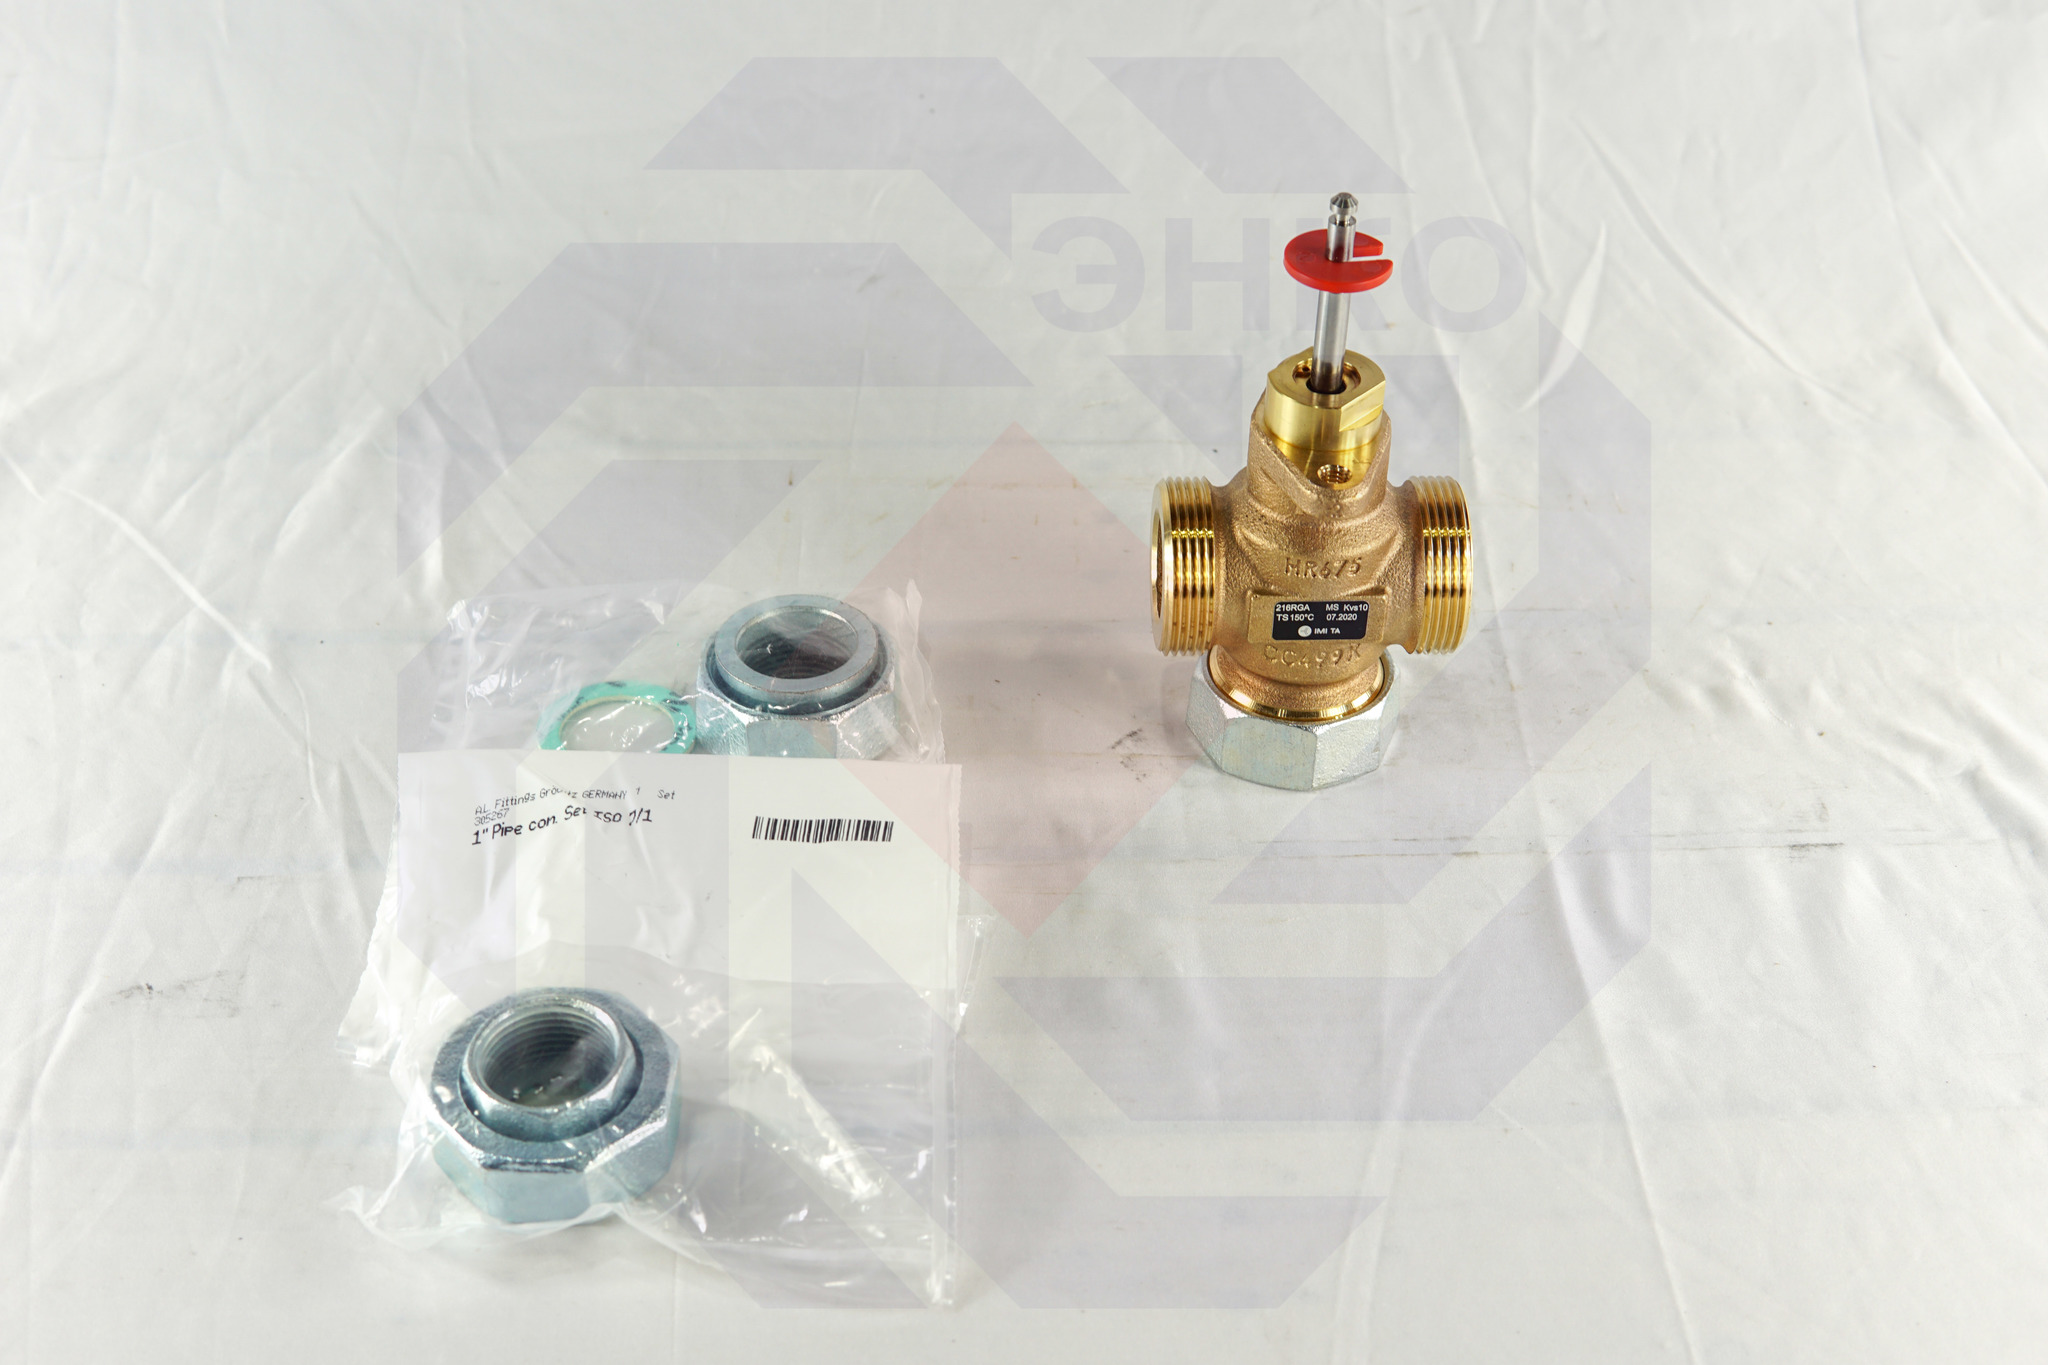 Клапан регулирующий двухходовой IMI CV216 RGA DN 25